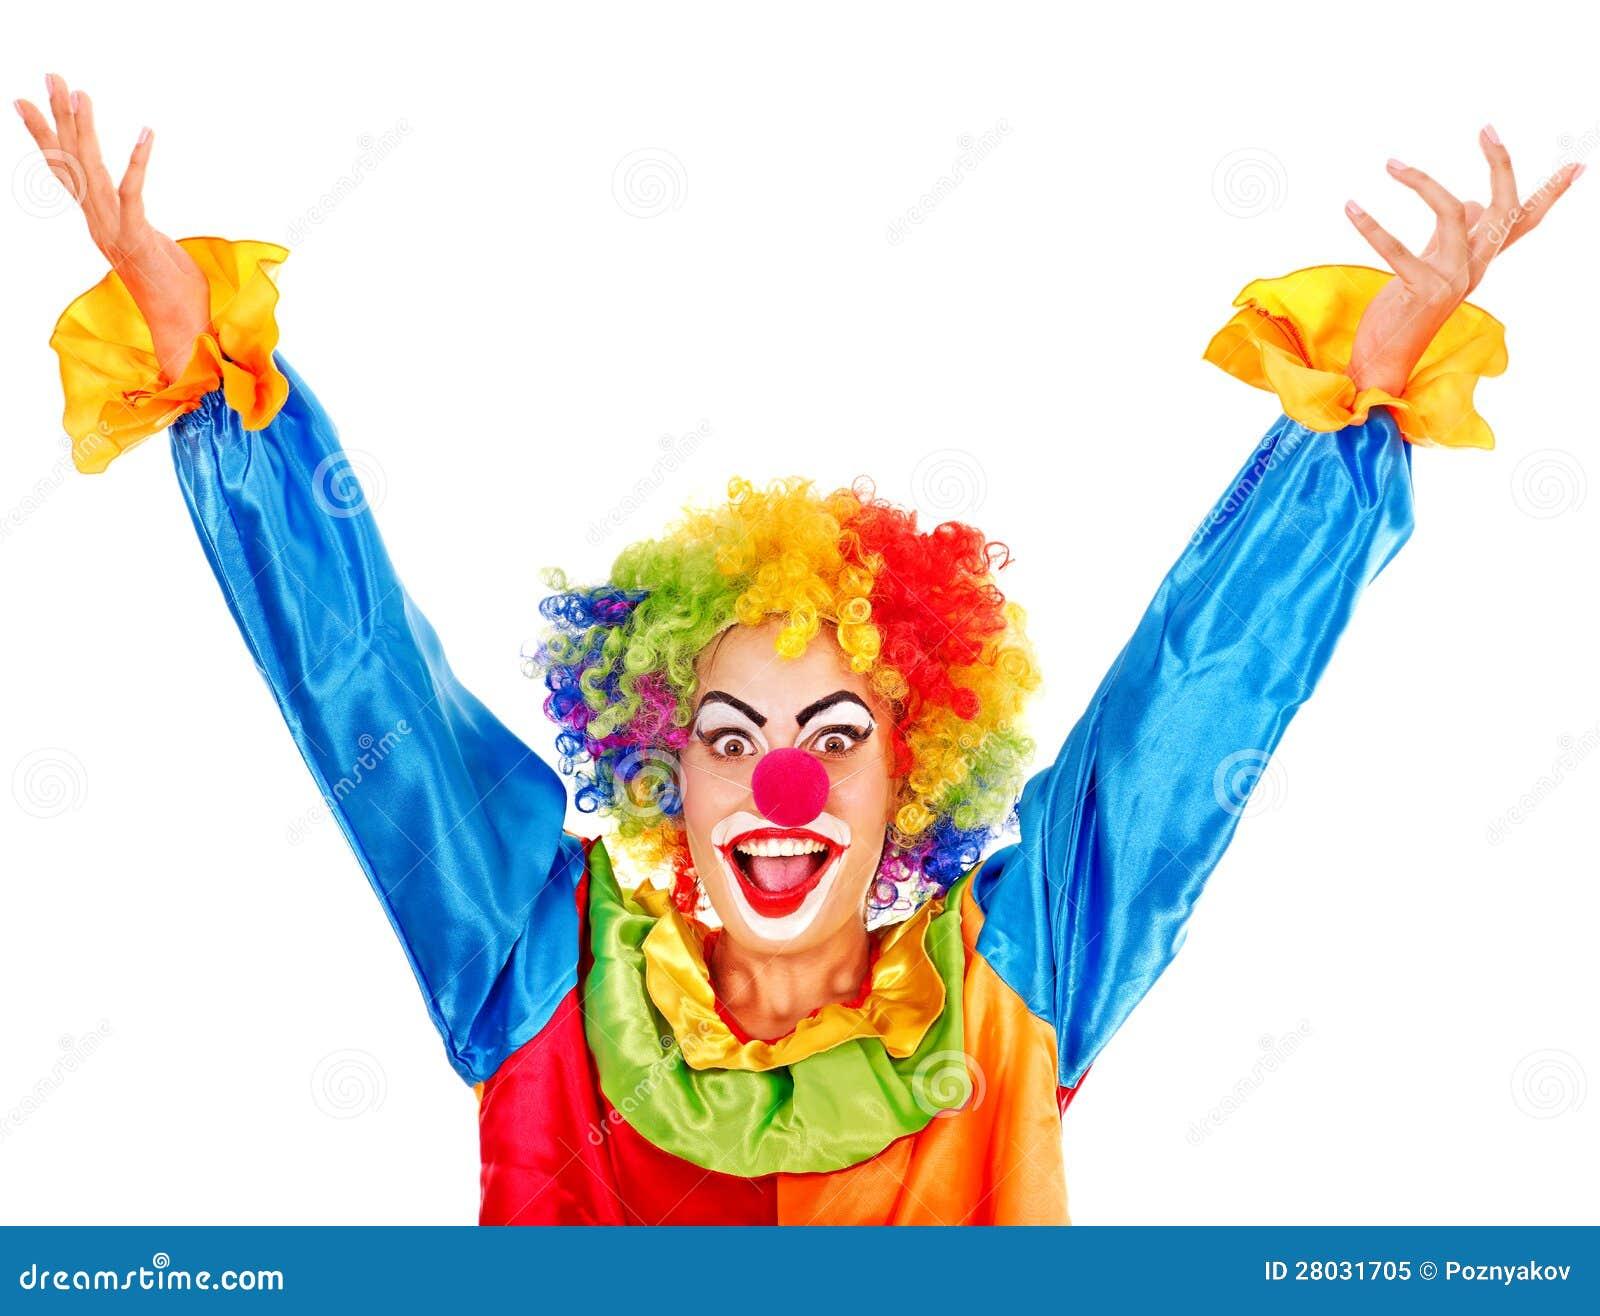 Portret van clown.